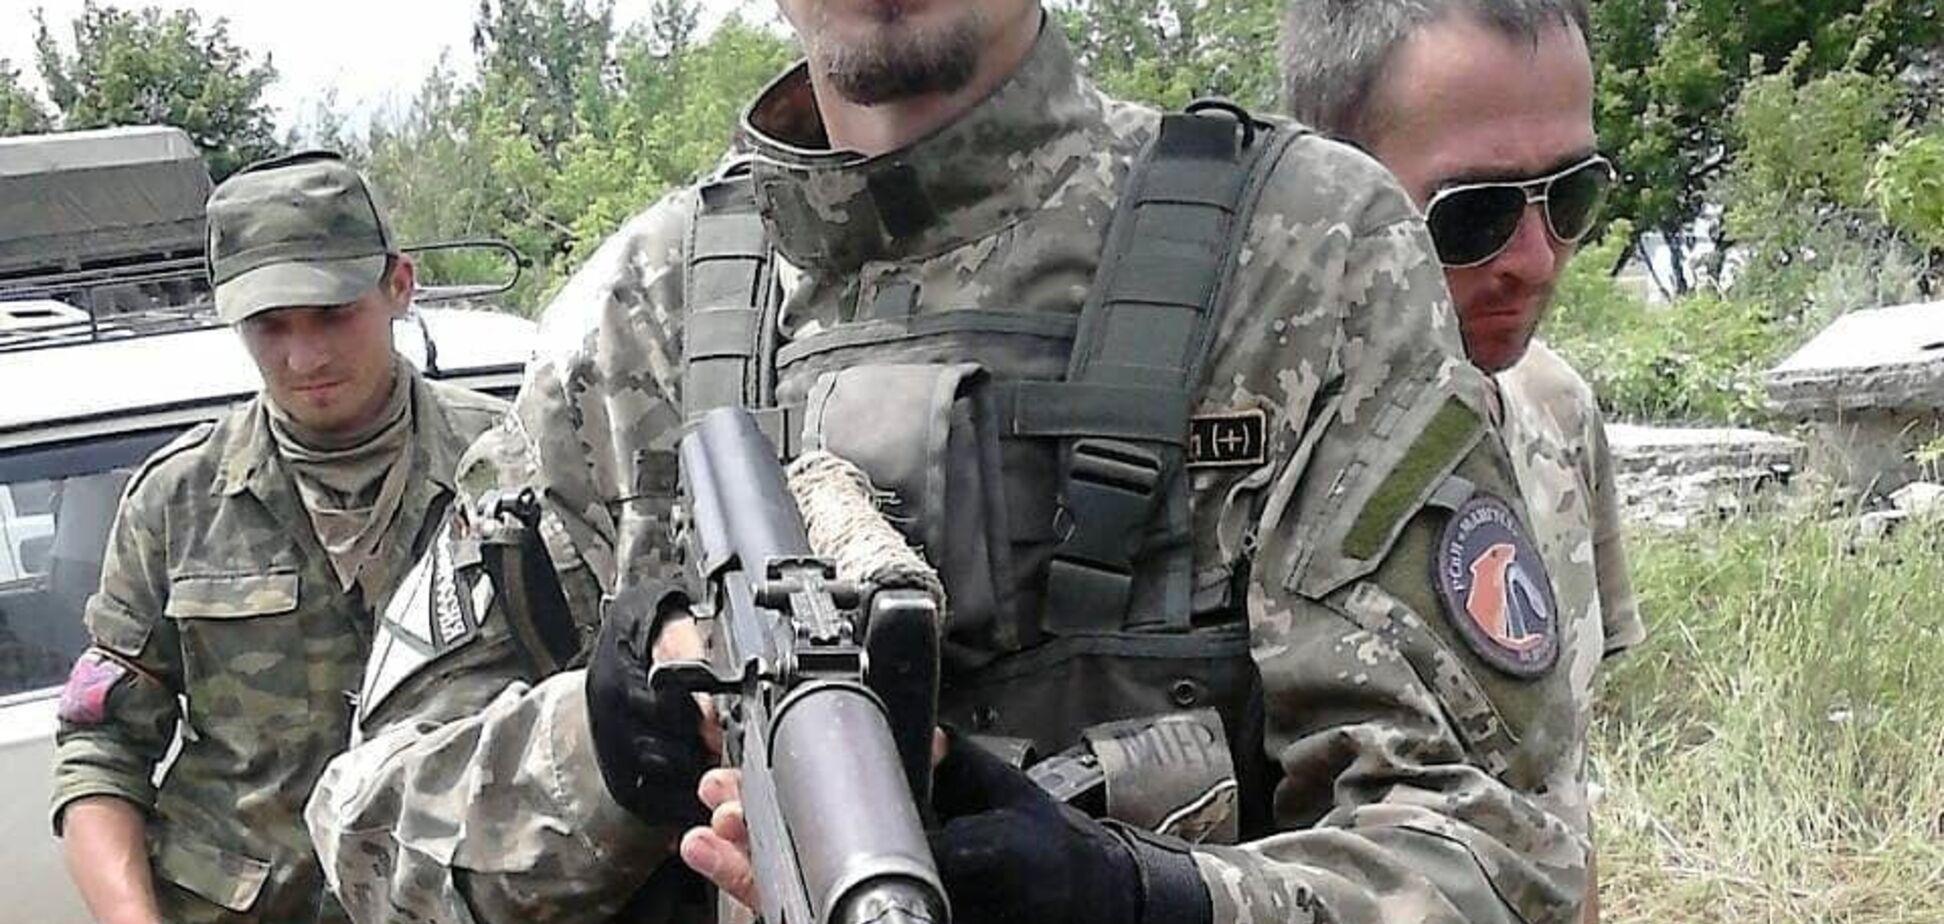 В ''бригаде-200'' пополнение: офицер ВСУ показал убитых террористов ''Л/ДНР''